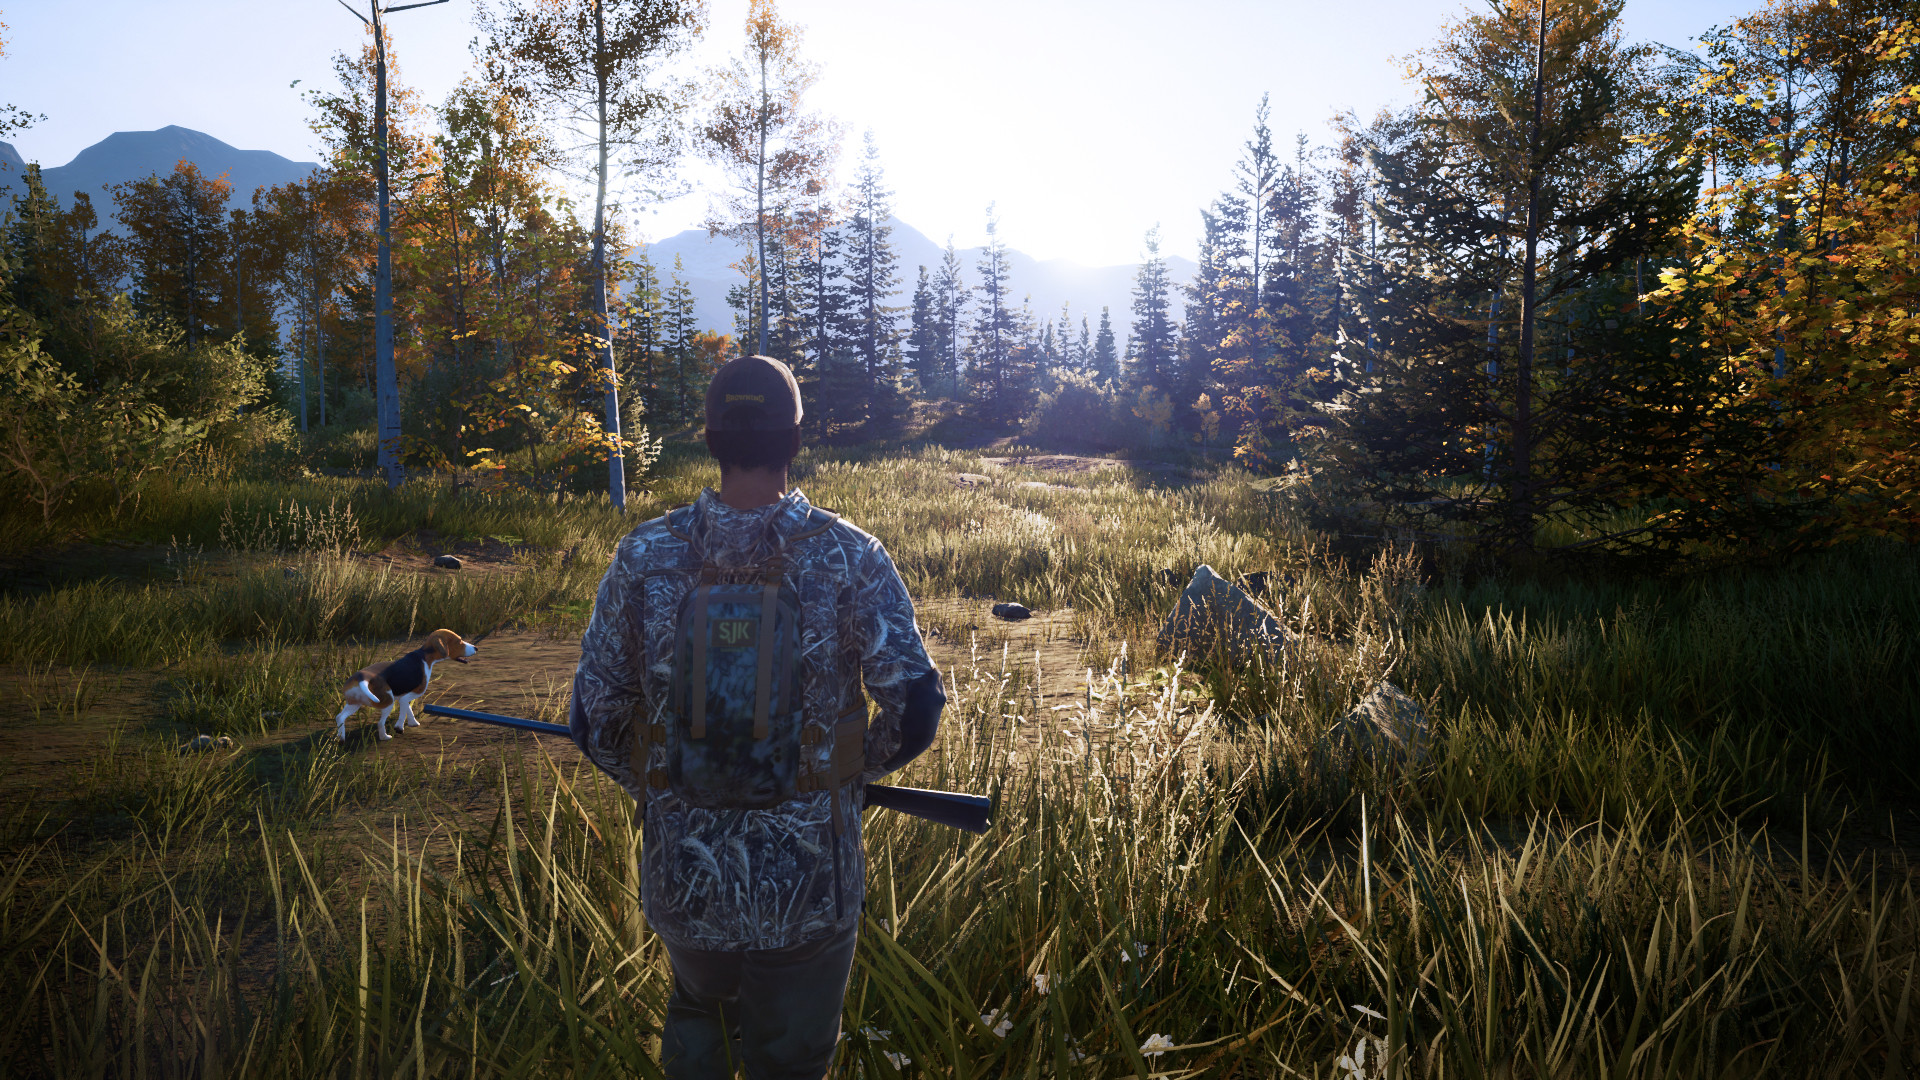 hd hunting simulator 2 wallpaper 74060